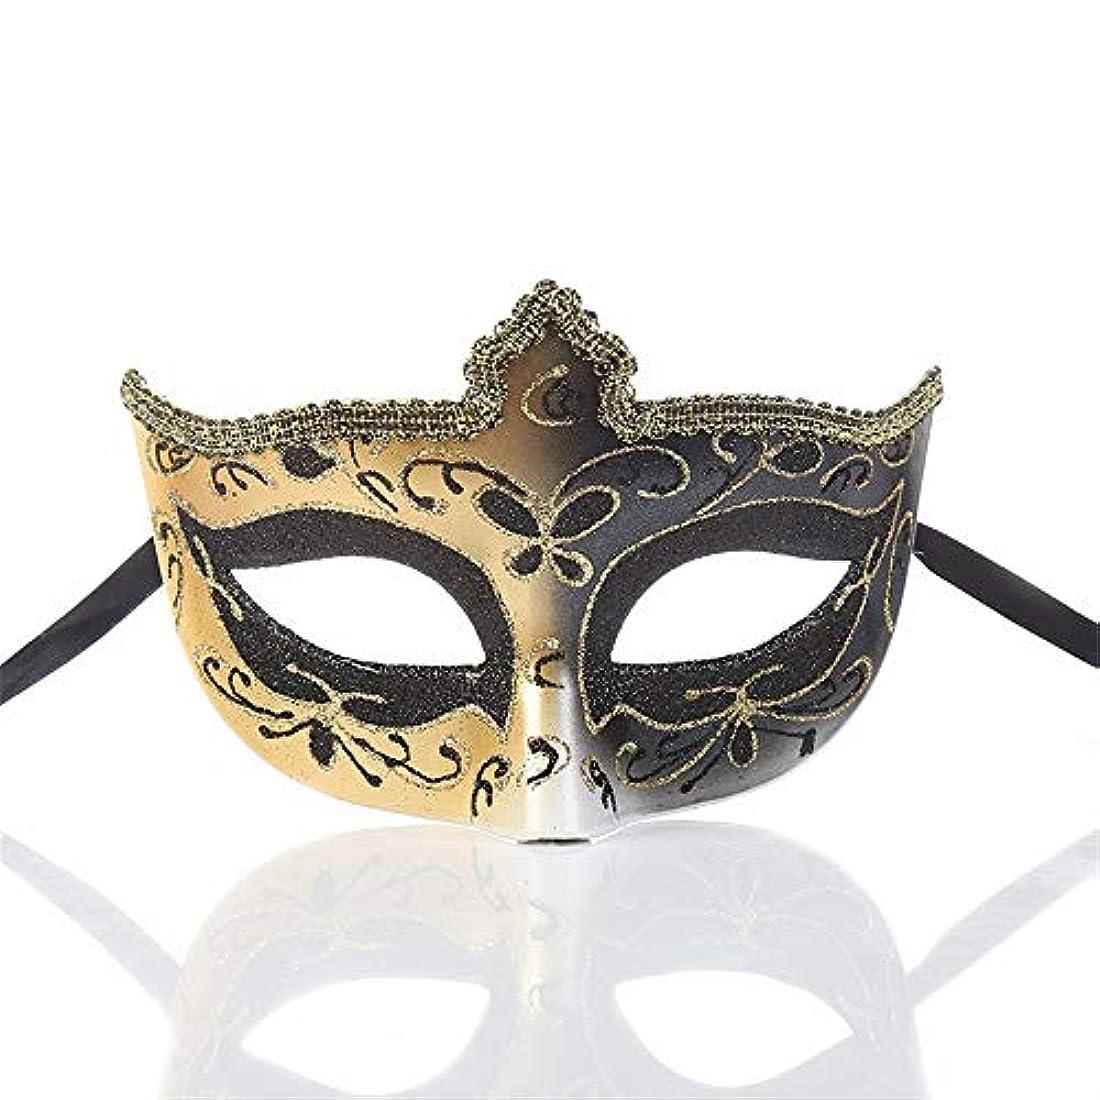 若さ生産的黒ダンスマスク クリエイティブクラシックハーフマスクマスカレードパーティーデコレーションコスプレプラスチックマスク ホリデーパーティー用品 (色 : ブラック, サイズ : 17x11cm)